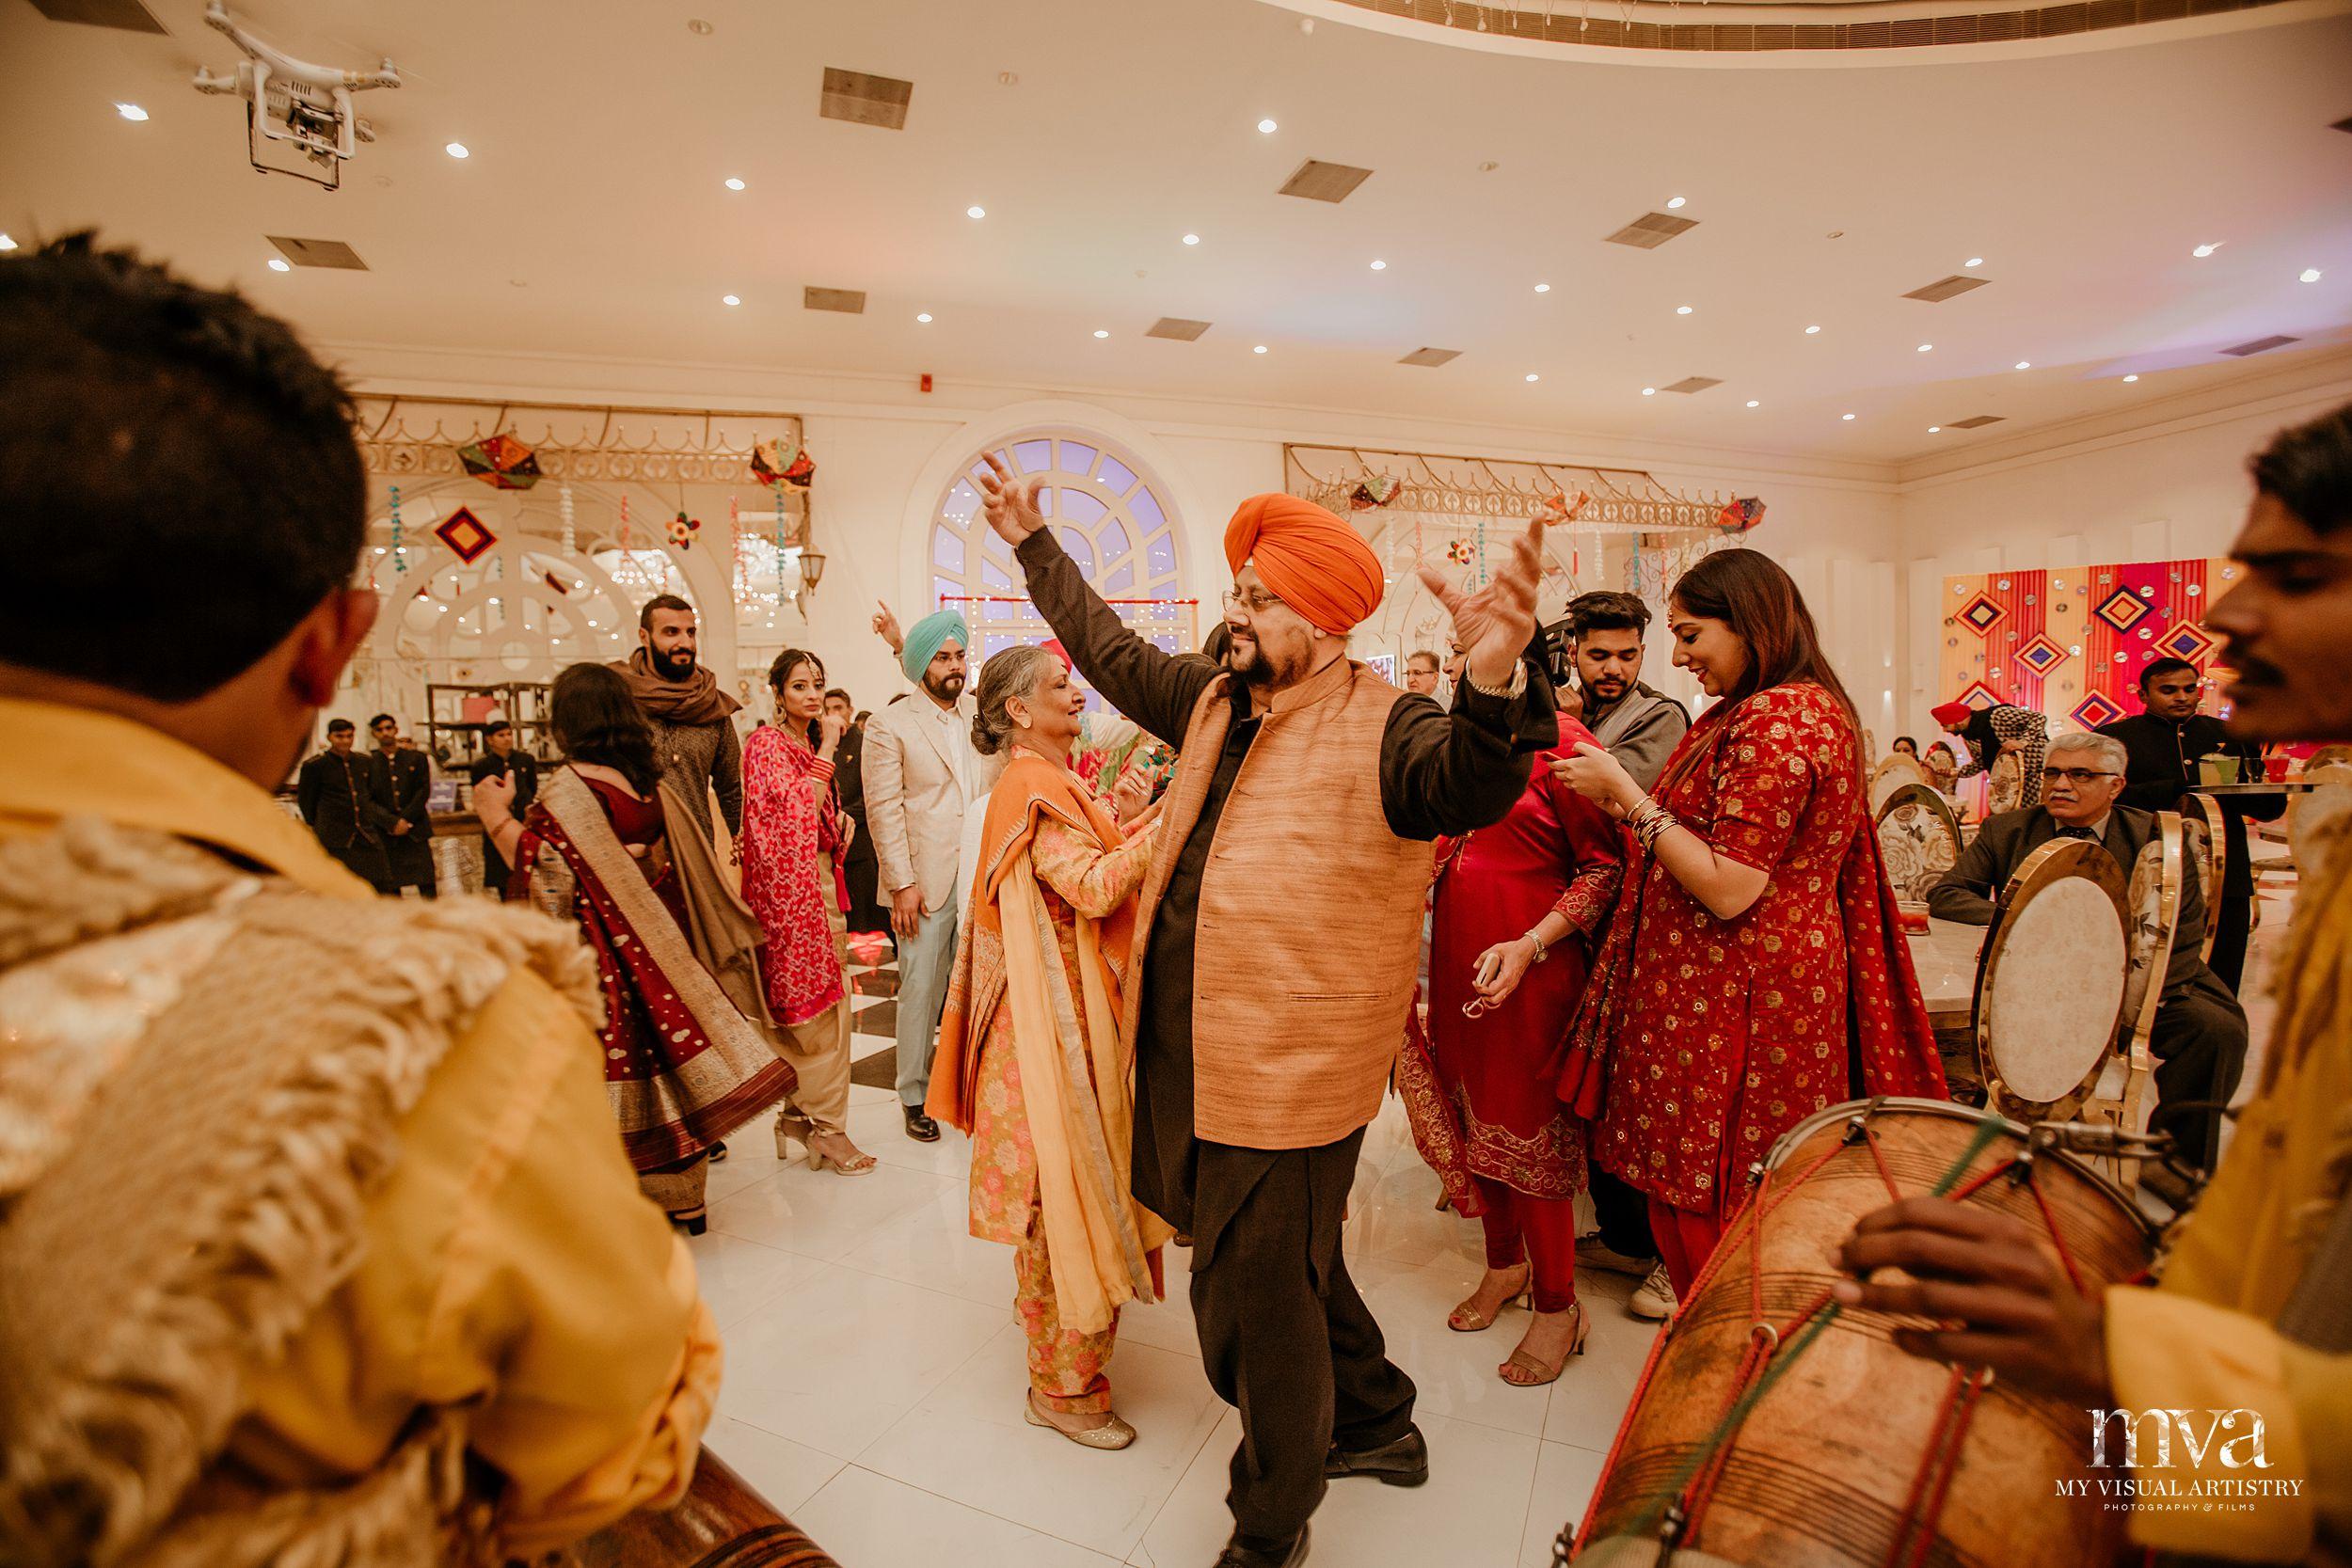 anant_arundhati_myvisualartistry_mva_wedding_sikh_ - 093.jpg